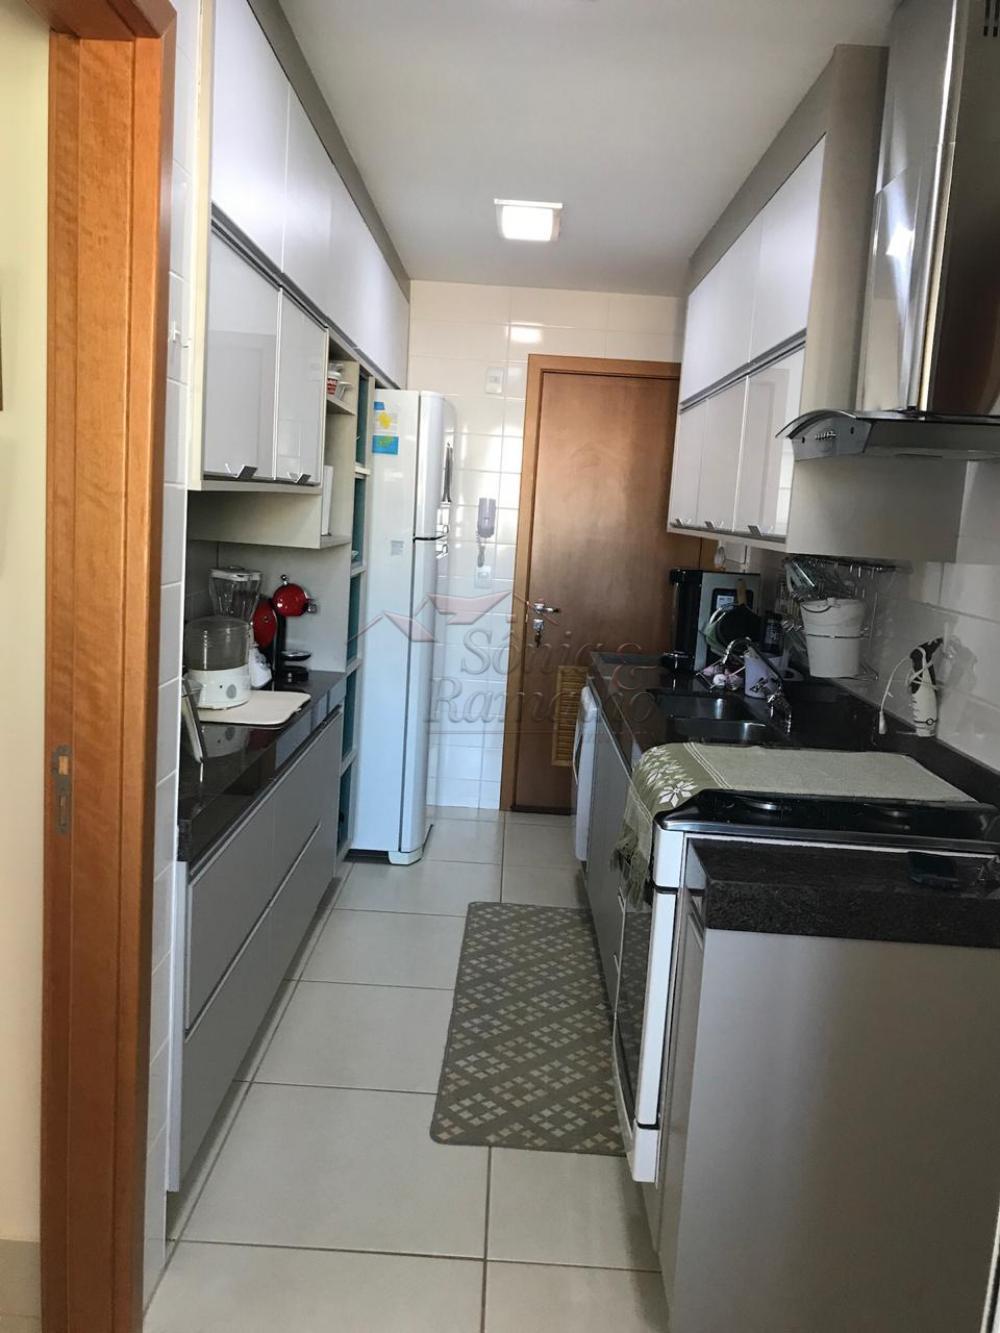 Comprar Apartamentos / Padrão em Ribeirão Preto apenas R$ 615.000,00 - Foto 6